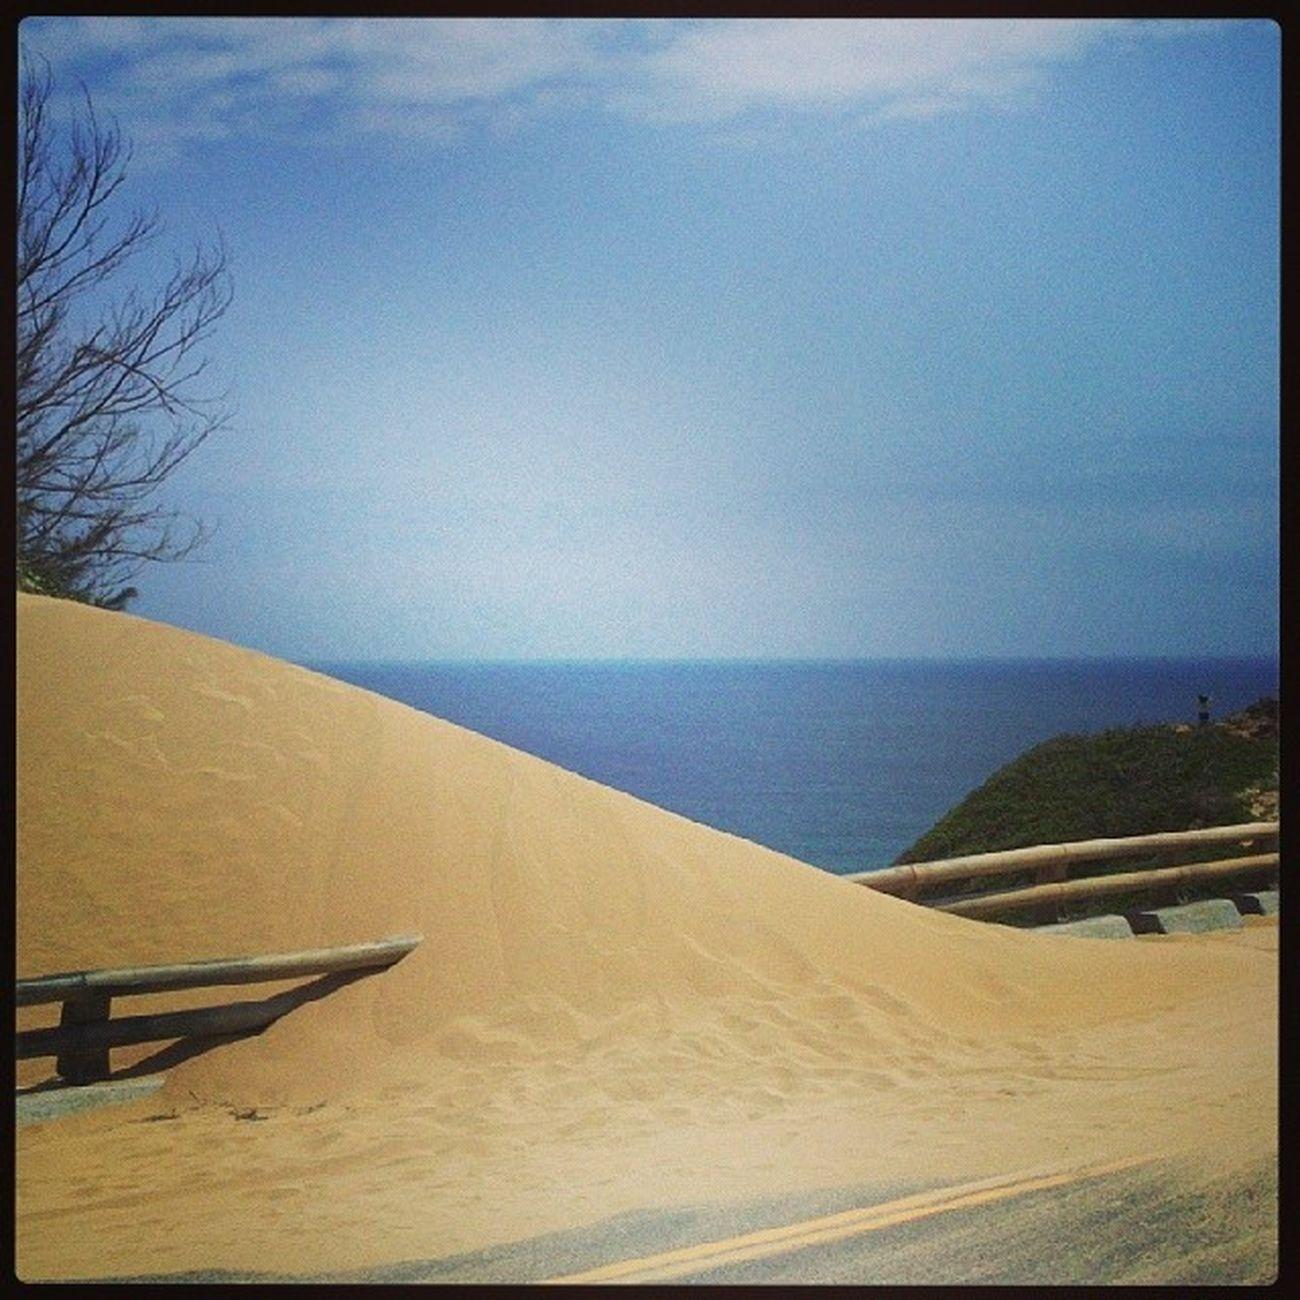 En allant au Cap d'Eluanbi, la dune envahit la route ! TaïwanSouthCoast